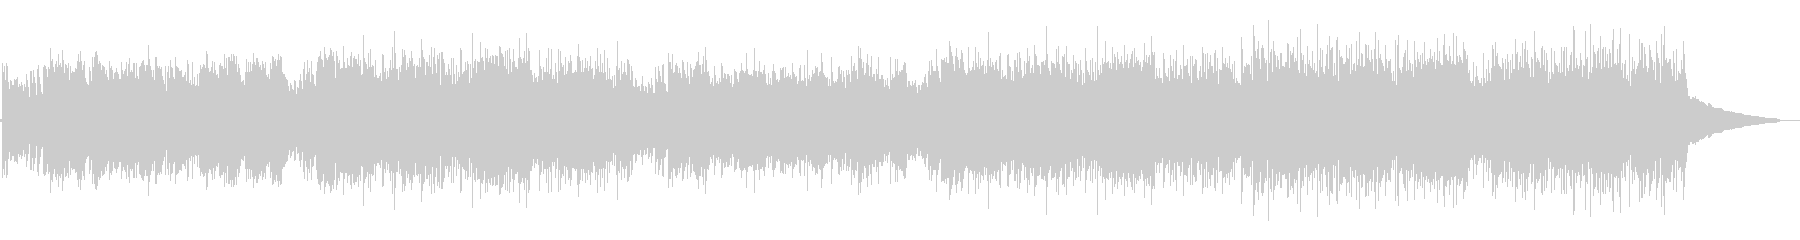 アニメ・情熱的でかっこいいフラメンコの未再生の波形